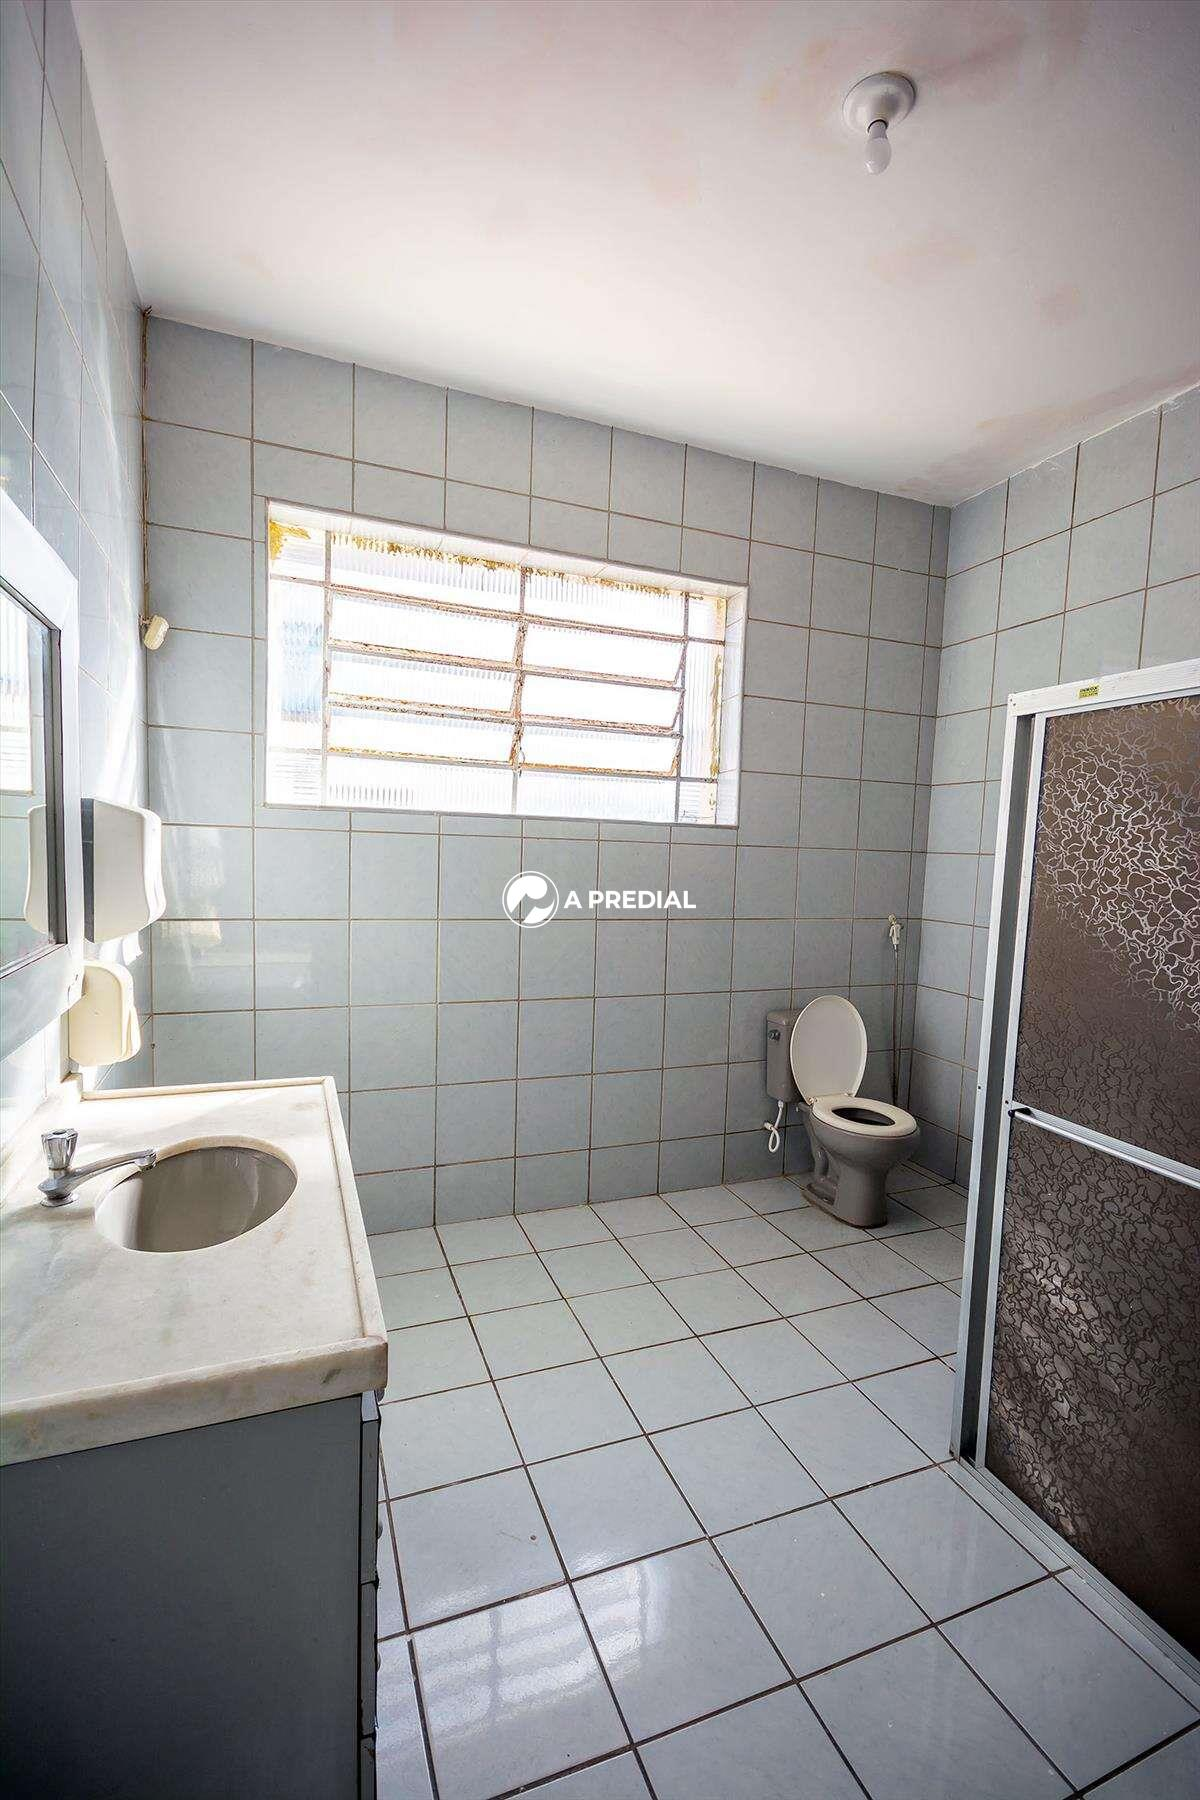 Casa para aluguel no Aldeota: b2122f39-3-dsc_0177.jpg